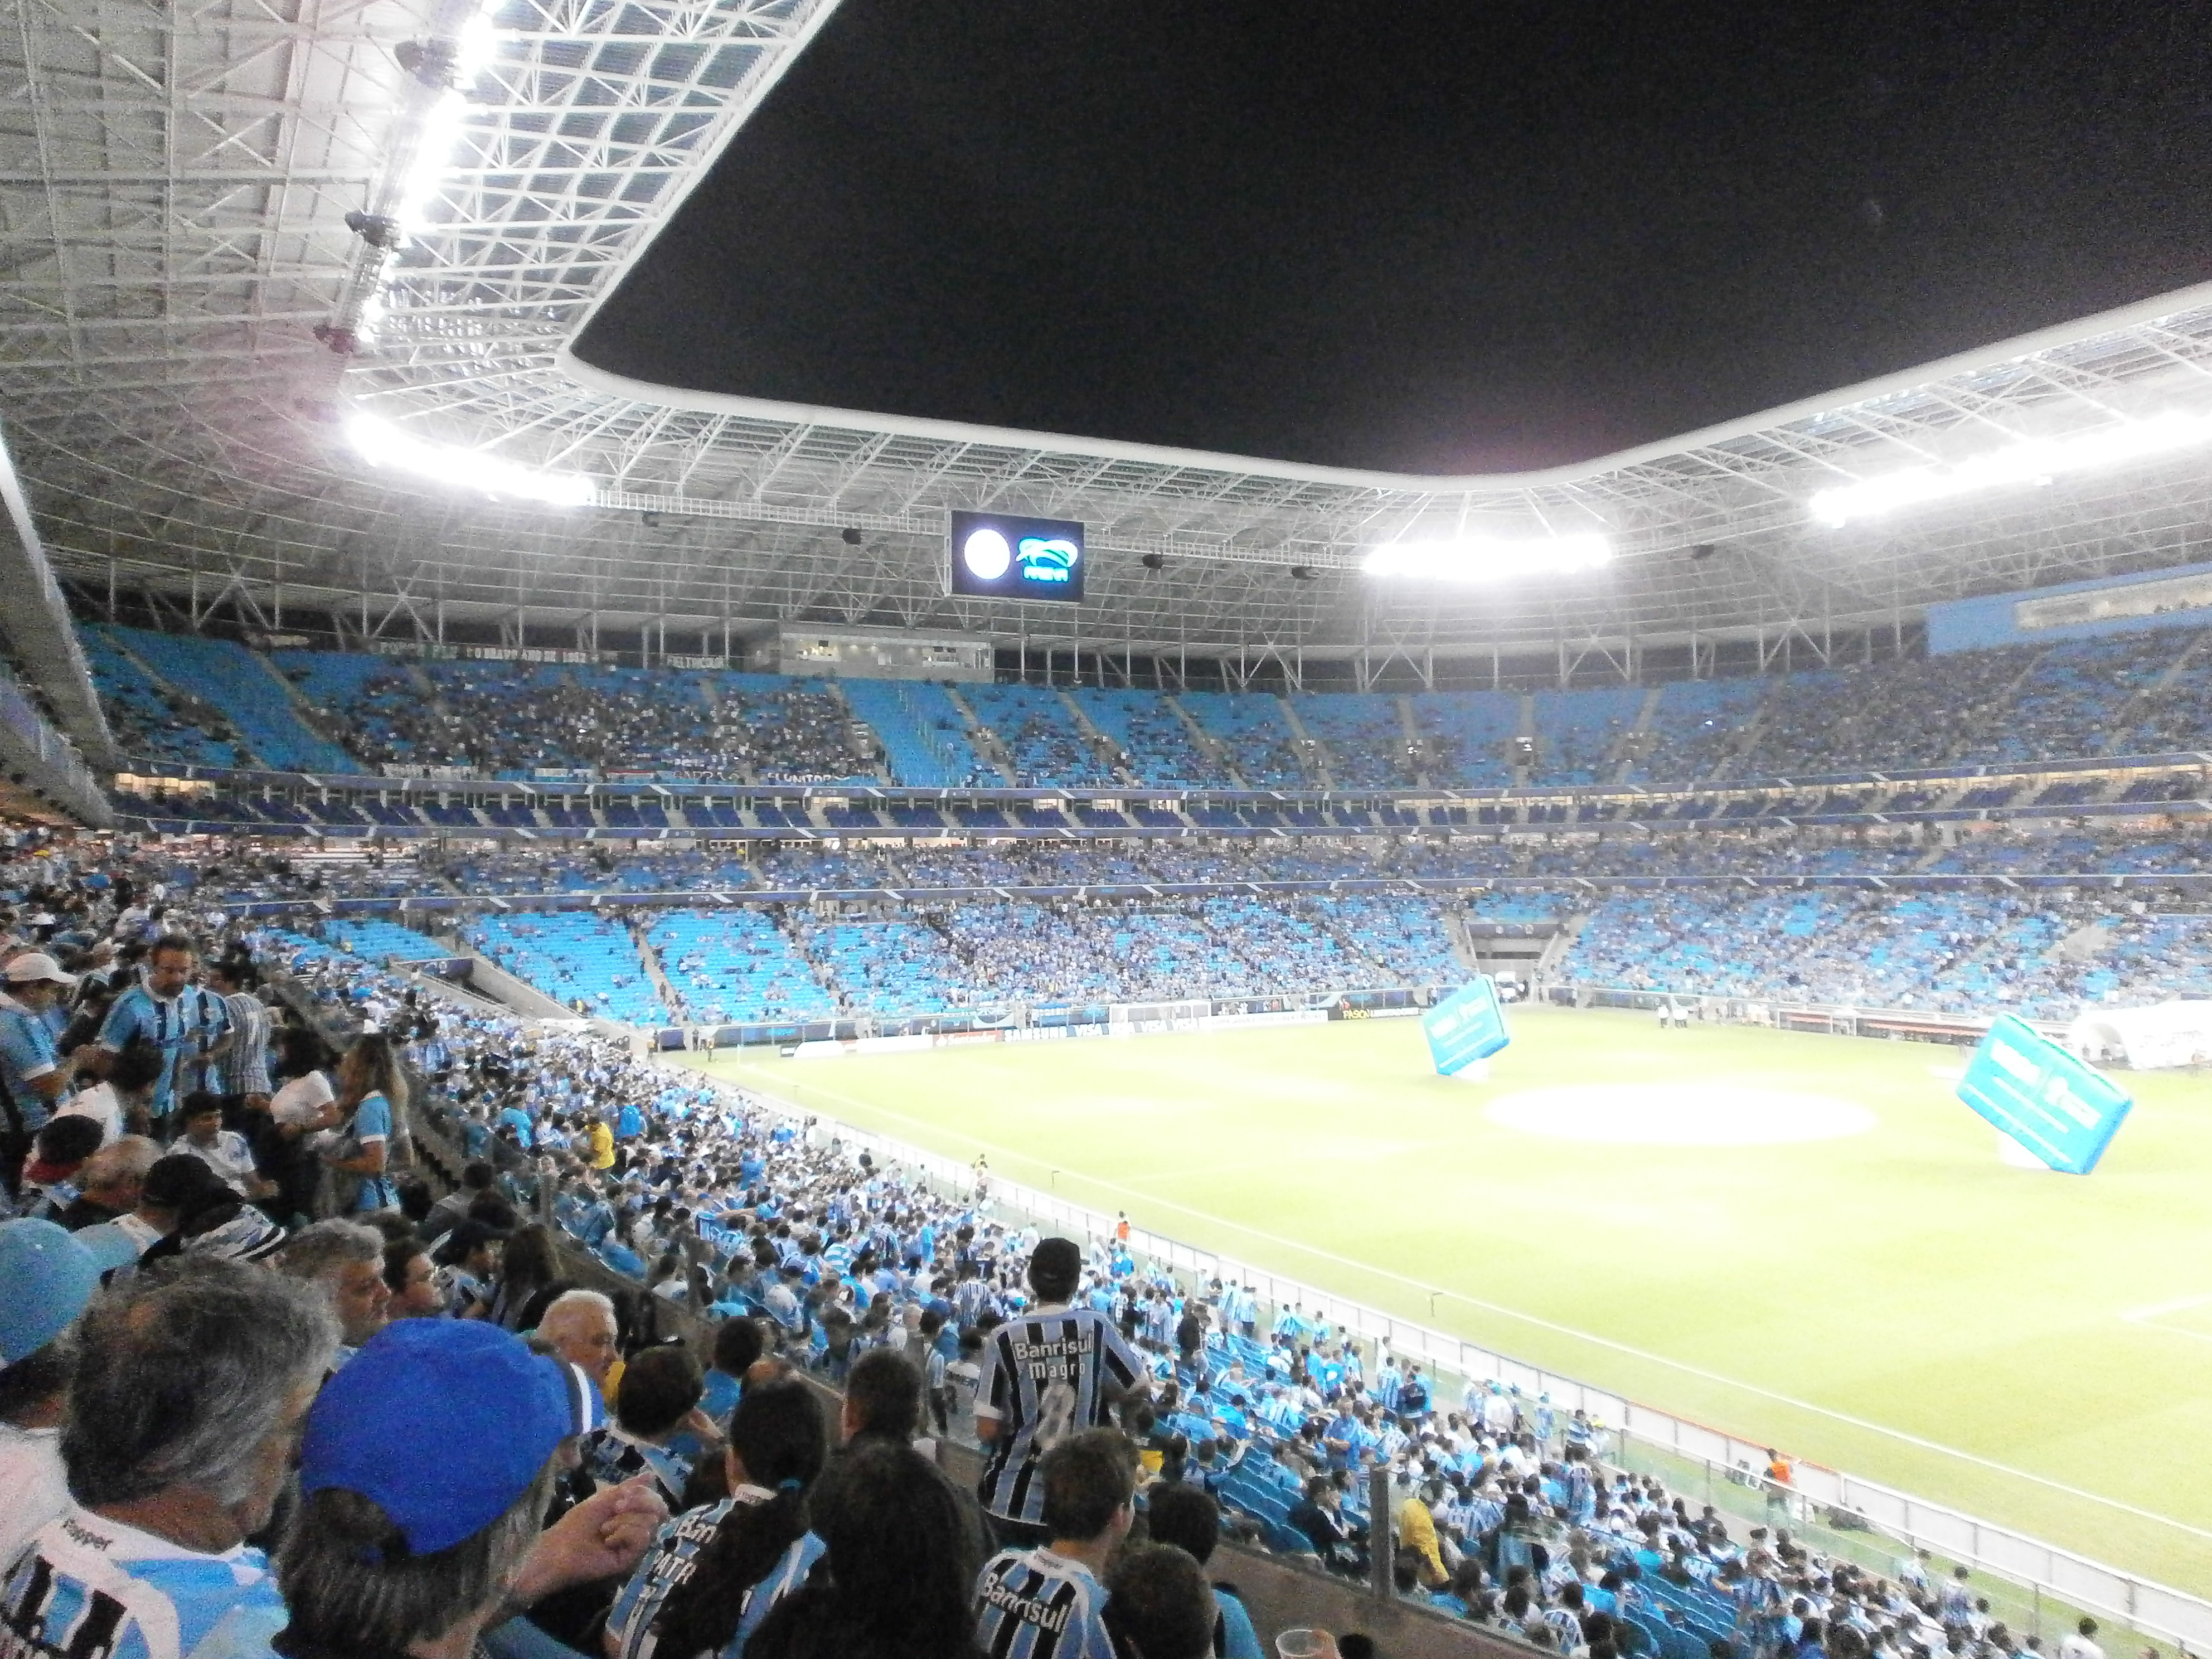 54c7b7784a161 Estádio Olímpico Monumental – Wikipédia, a enciclopédia livre